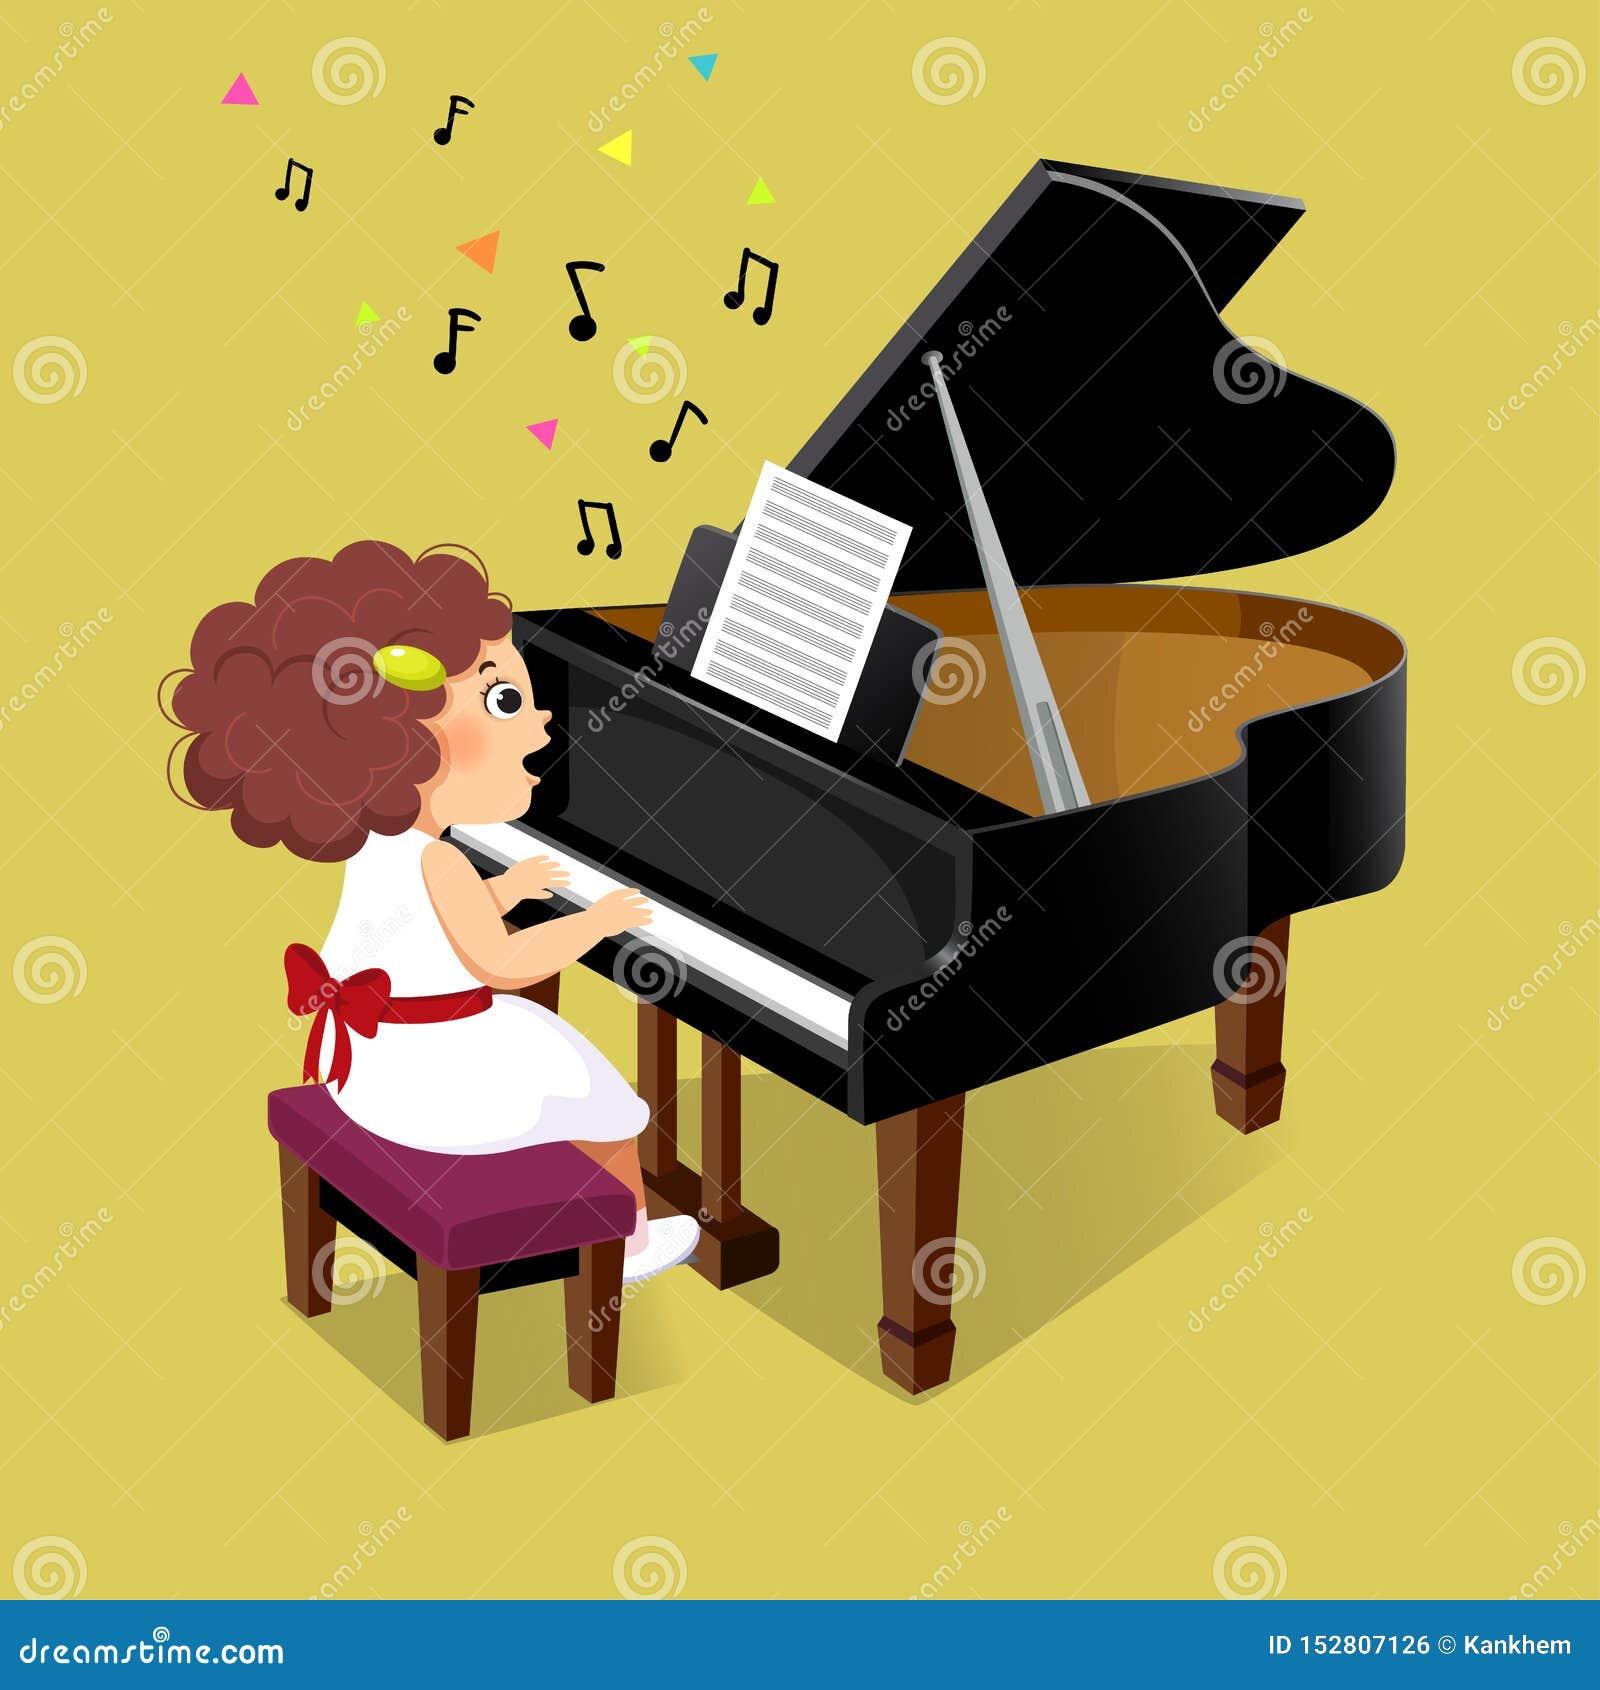 Petite fille mignonne jouant le piano à queue sur le fond jaune